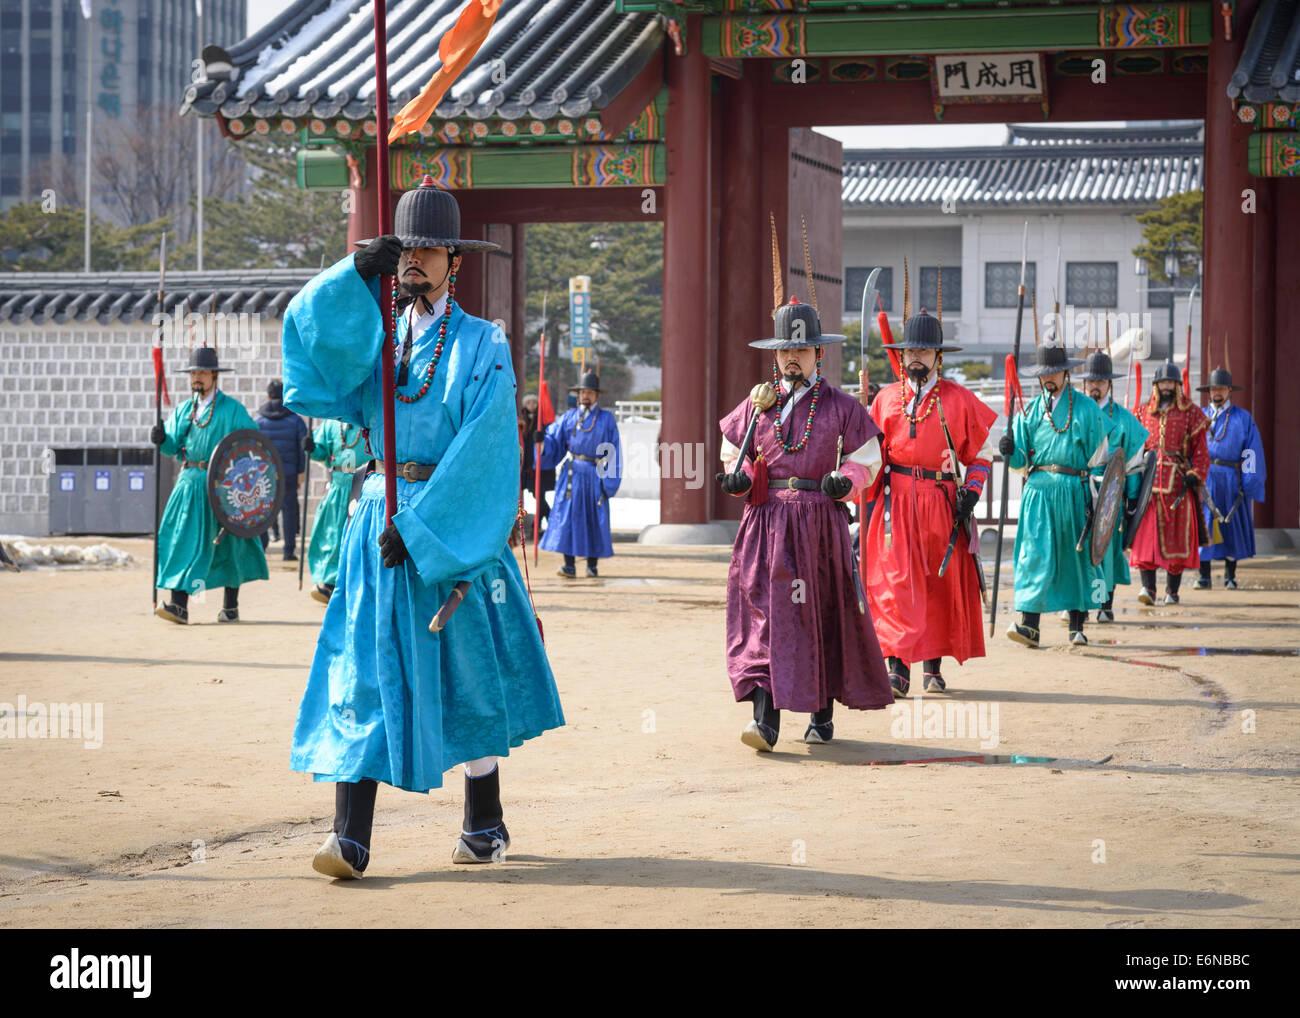 La modification de la garde royale à Gyeongbokgung Palace à Séoul, Corée du Sud. Photo Stock